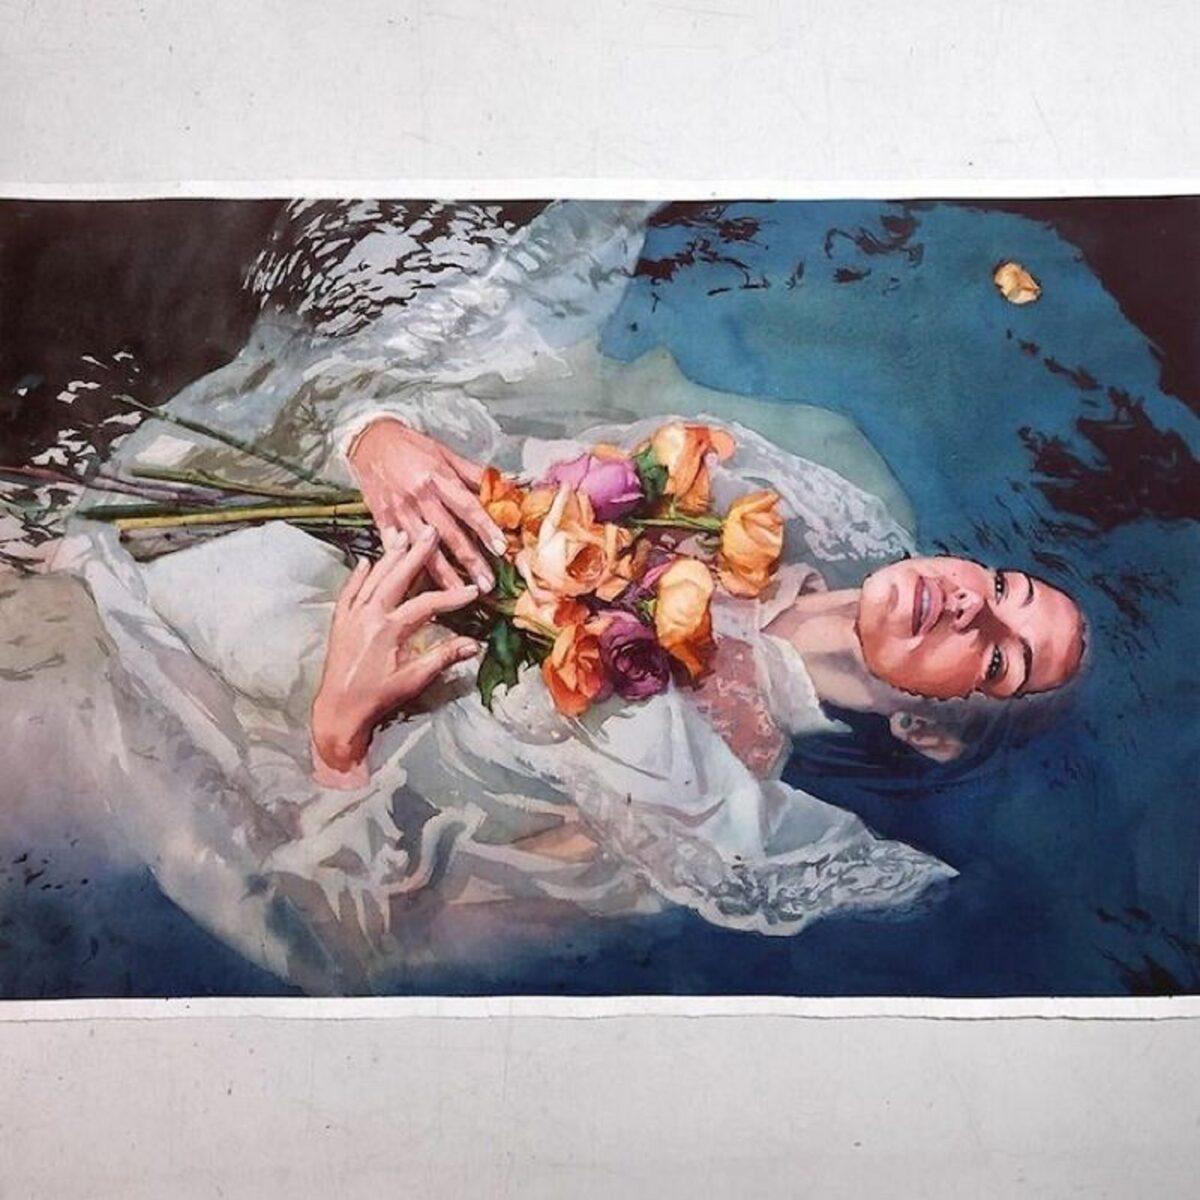 Marcos Beccari artista brasileiro retrata pessoas dentro dagua em incriveis pinturas aquarelas 10